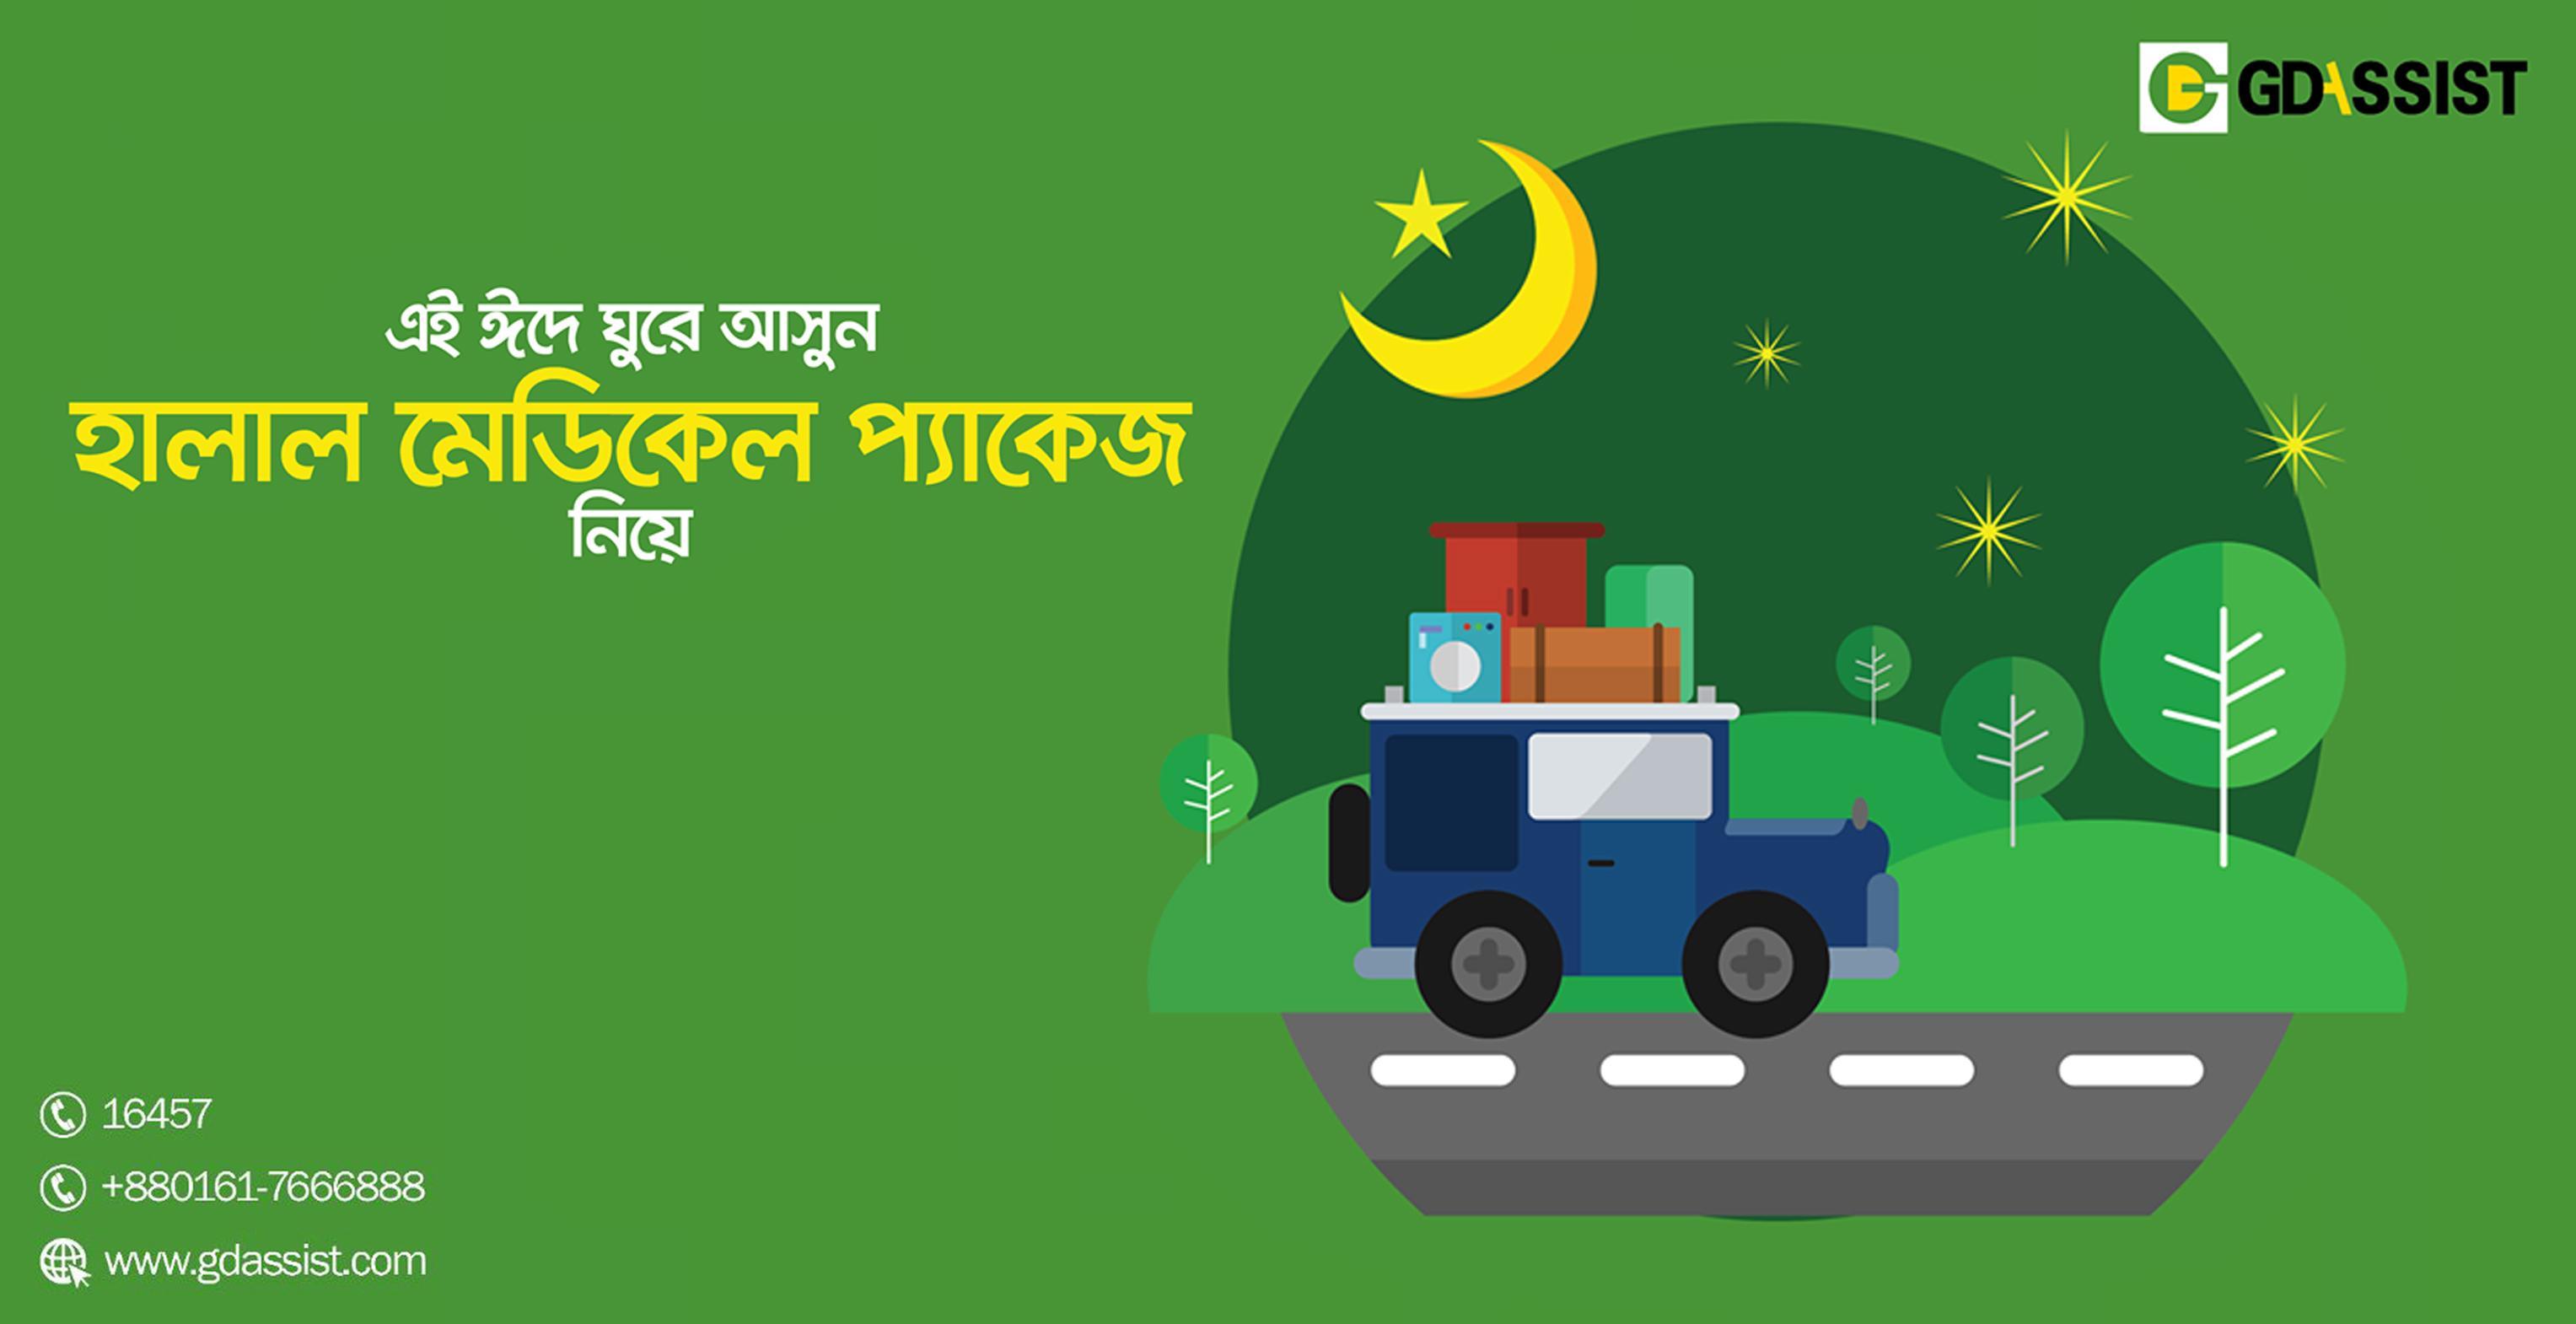 GD Assist Halal medical package